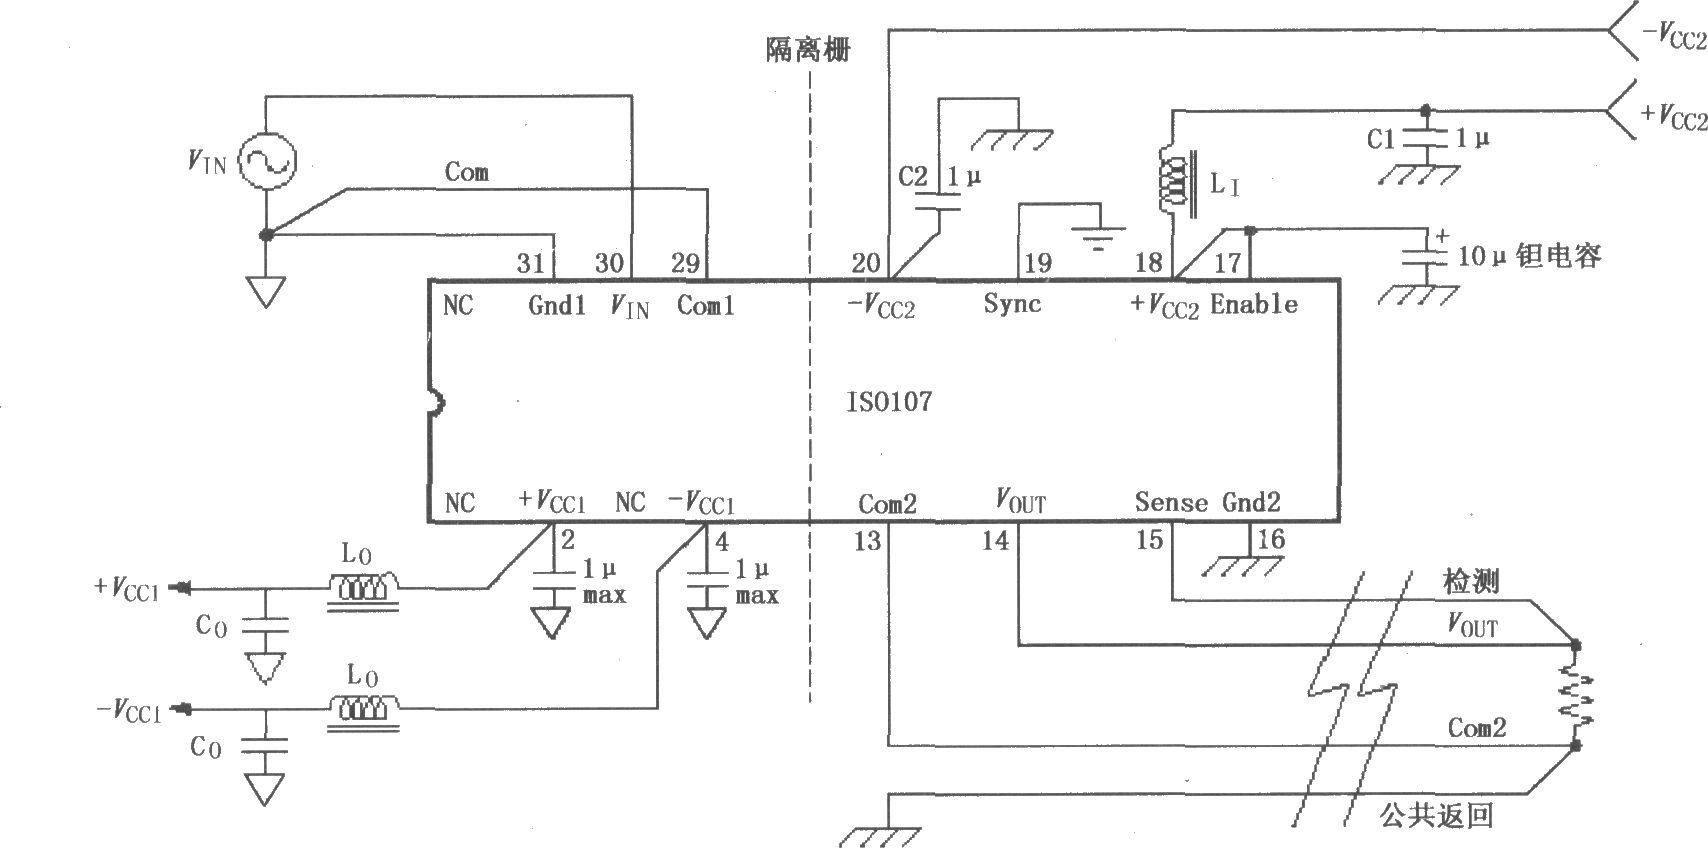 建议电源脚采用如 vcc2脚外接的π型滤波器.